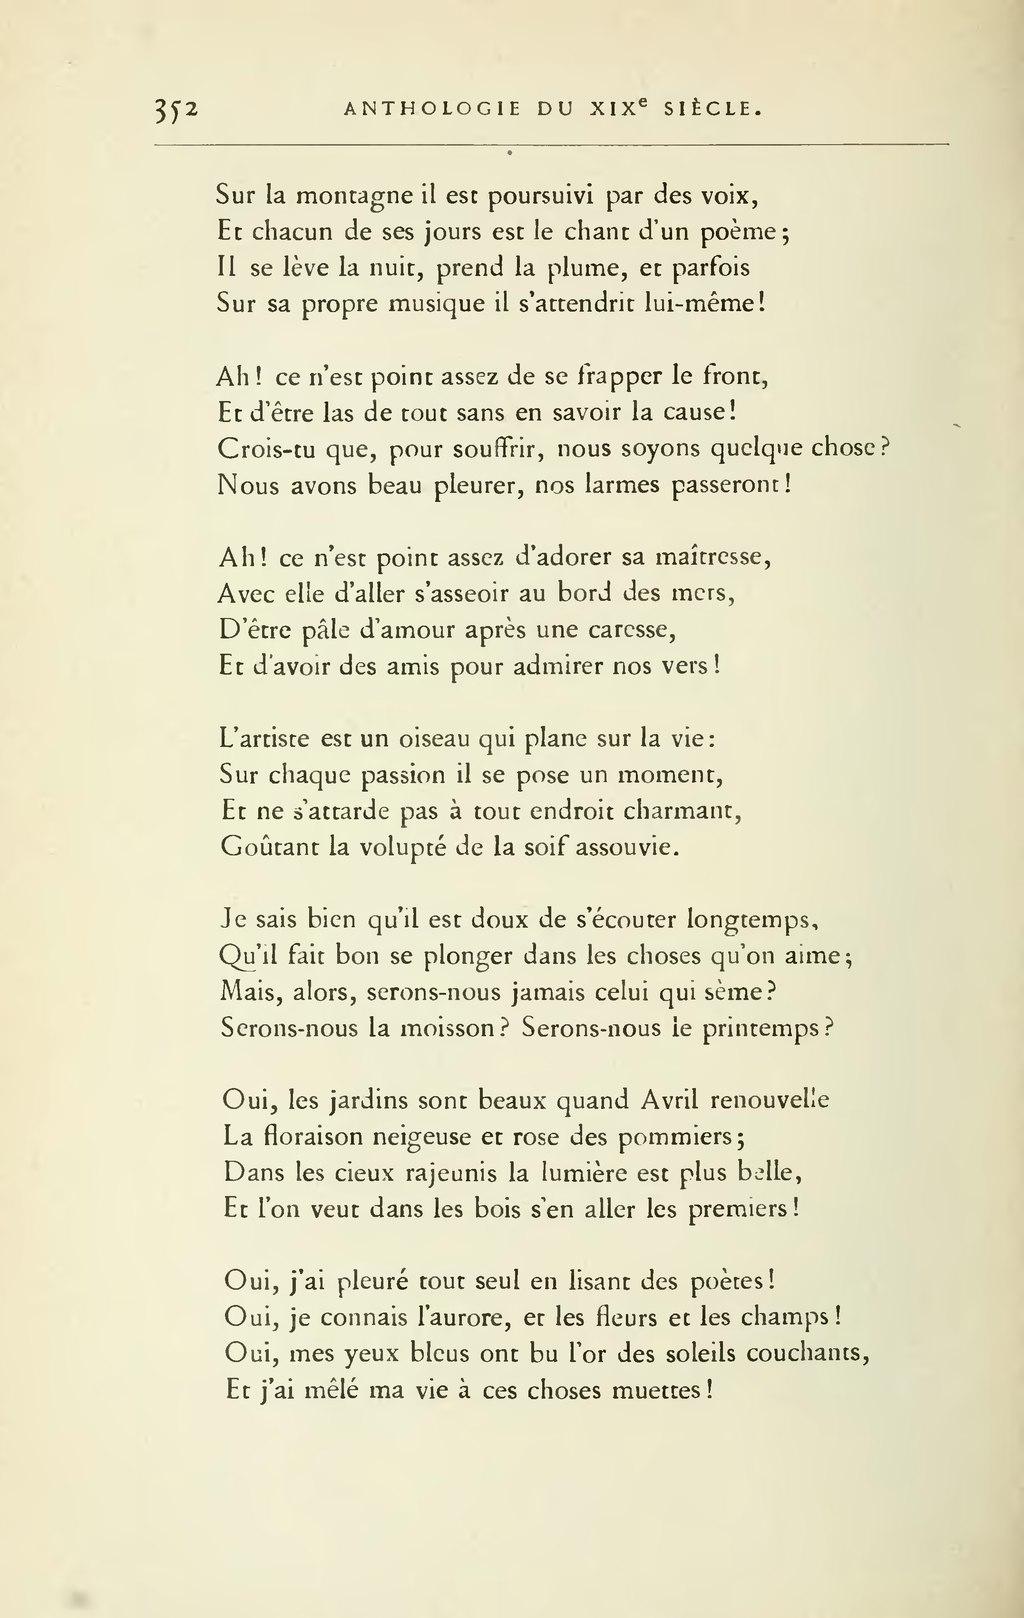 Poème D'amour Du 19ème Siècle : poème, d'amour, 19ème, siècle, Page:Lemerre, Anthologie, Poètes, Français, XIXème, Siècle,, 1888.djvu/376, Wikisource